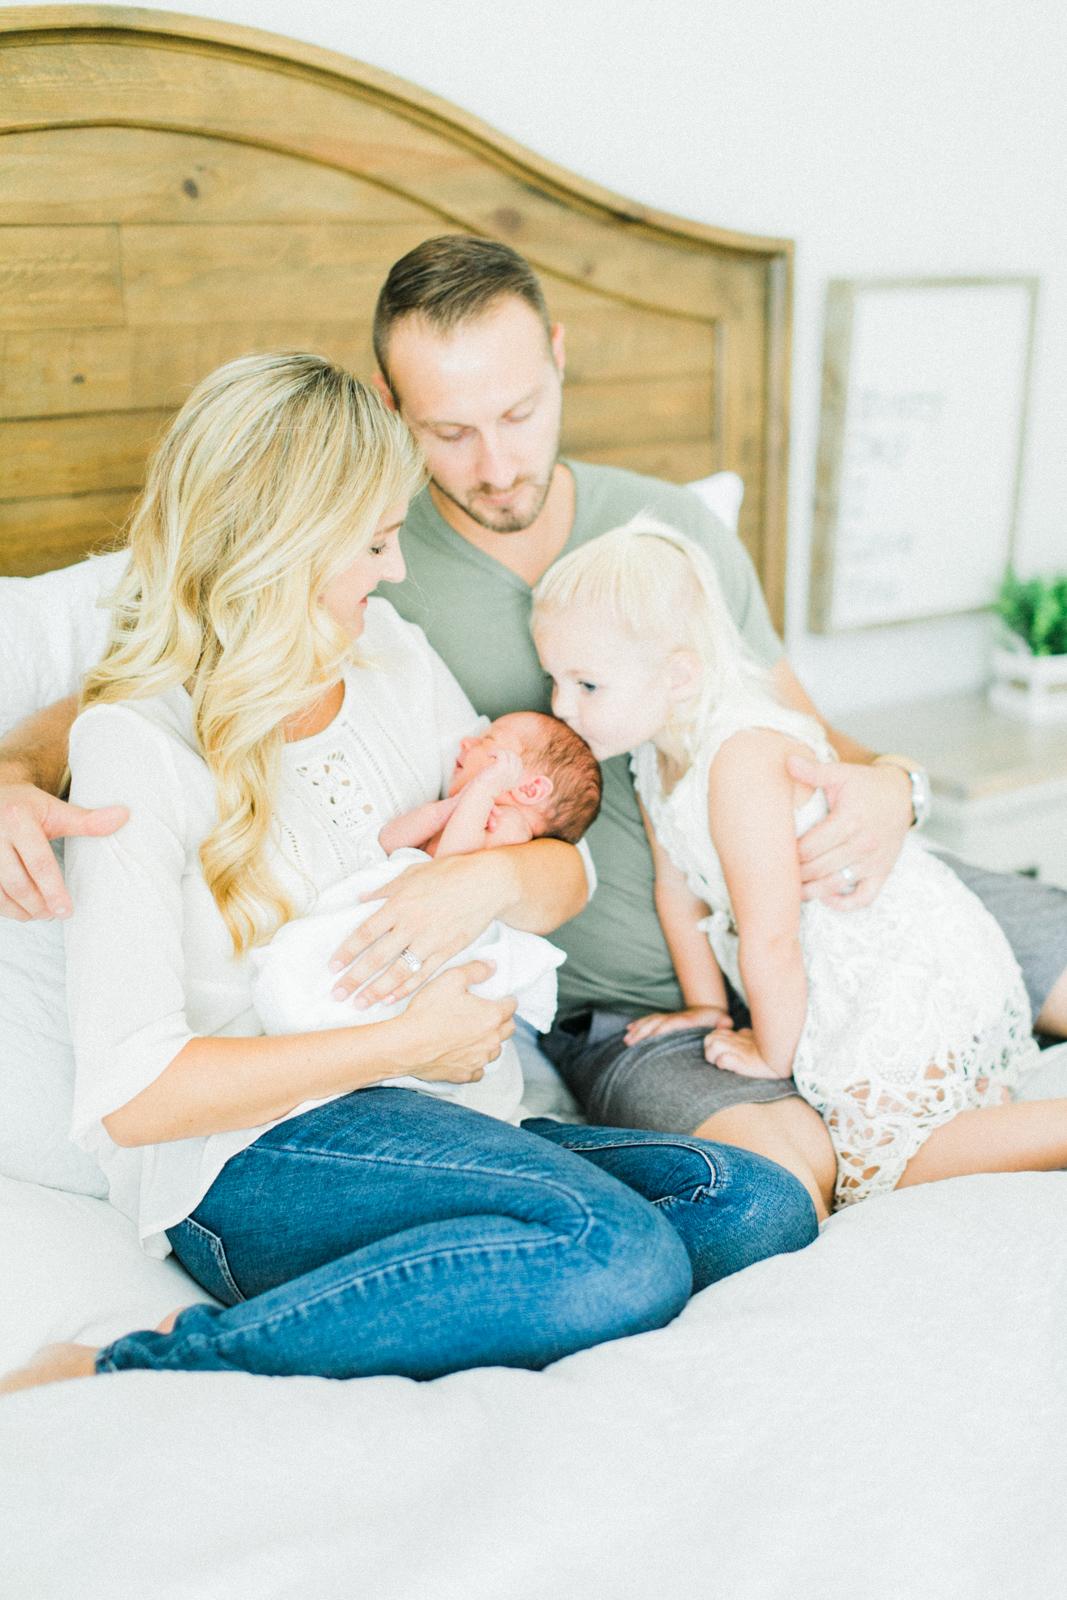 boise-newborn-photographer-10.jpg